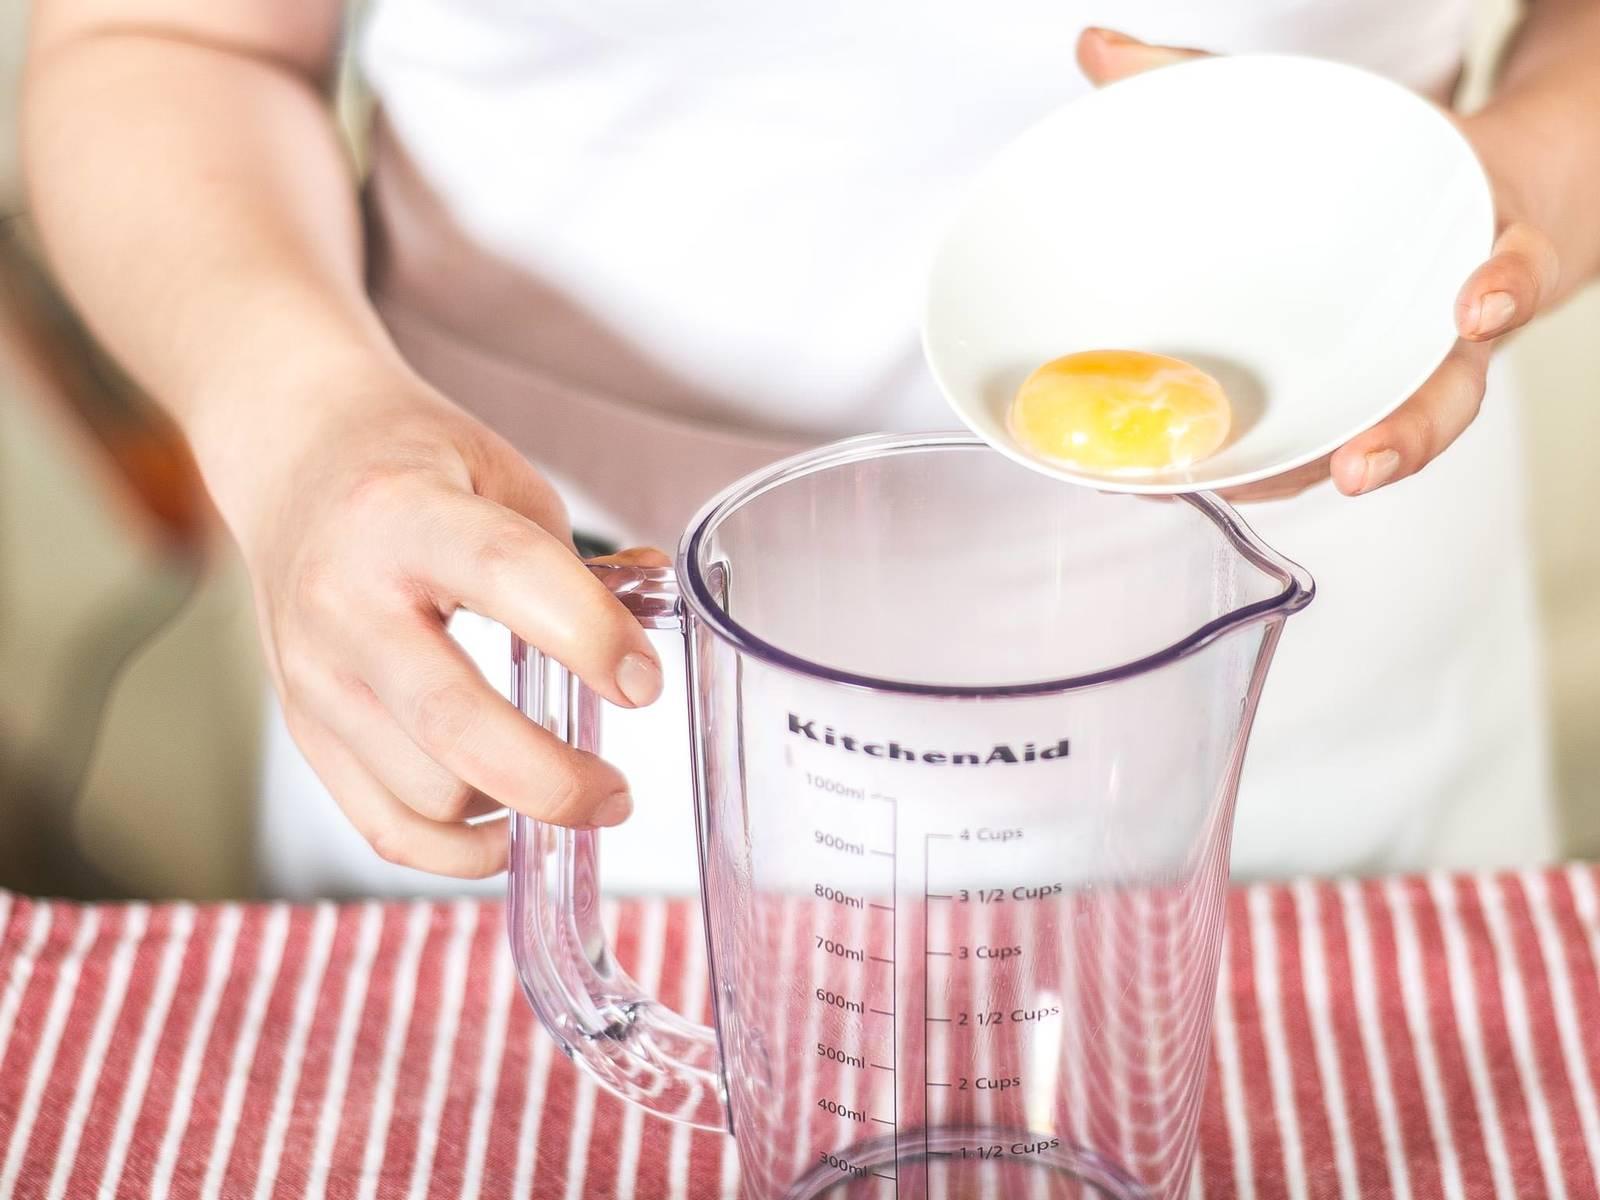 Für das Dressing ein Ei in siedendem Wasser für ca. 3 Min. kochen. Danach lässt sich das Eigelb leicht entnehmen. Das angekochte Eigelb in ein hohes Gefäß geben.